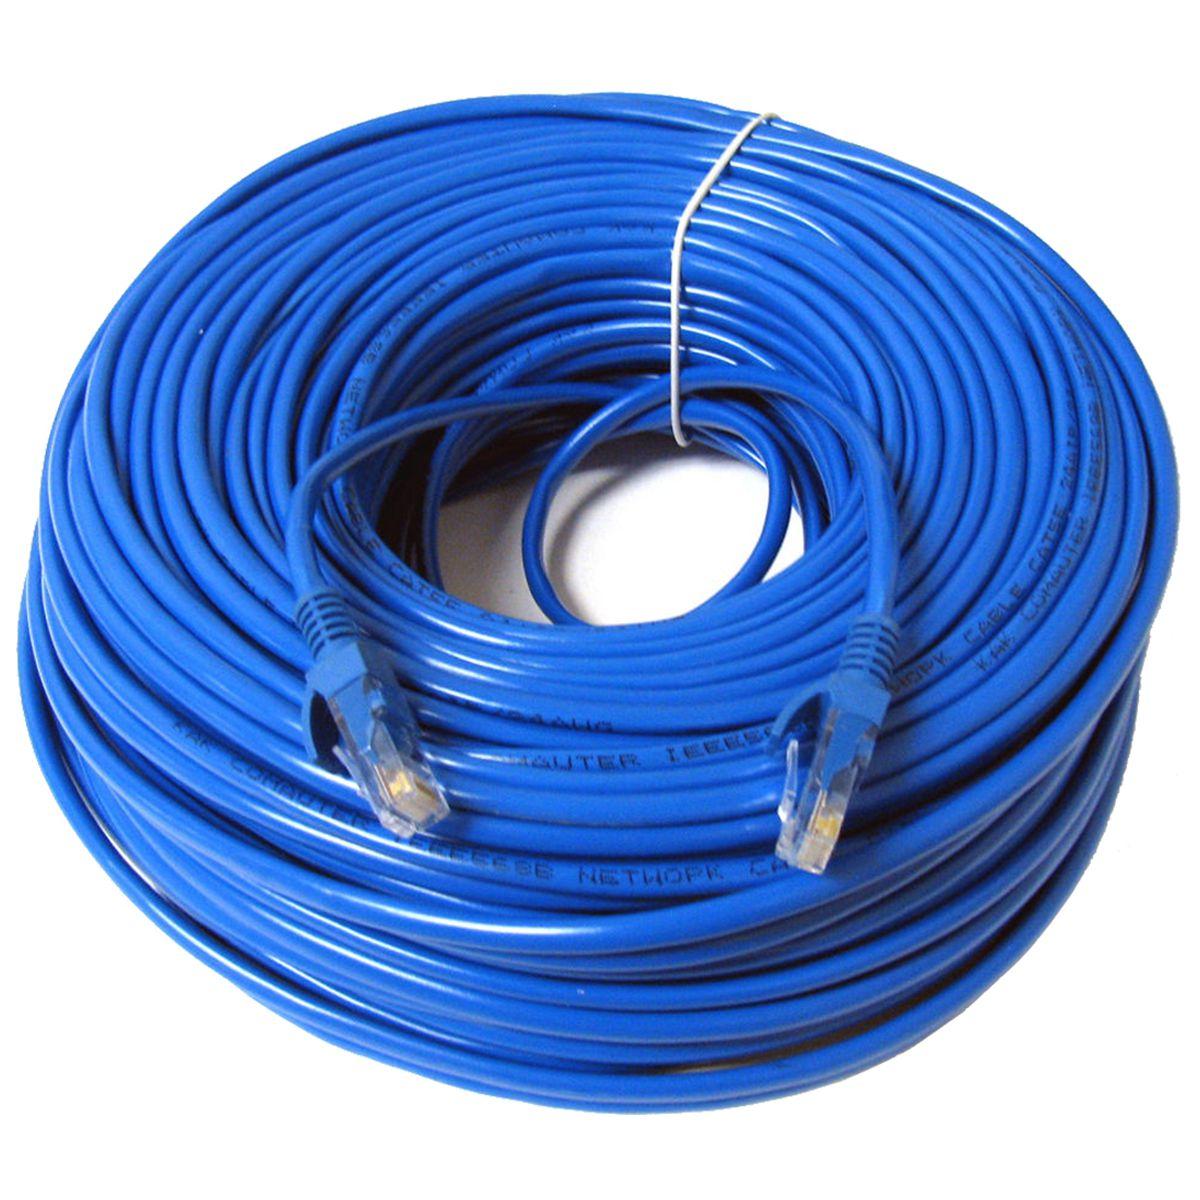 Высококачественный Интернет-кабель RJ45 CAT5, 30 м, Сетевой провод Lan, Интернет-свинцовый шнур, маршрутизатор